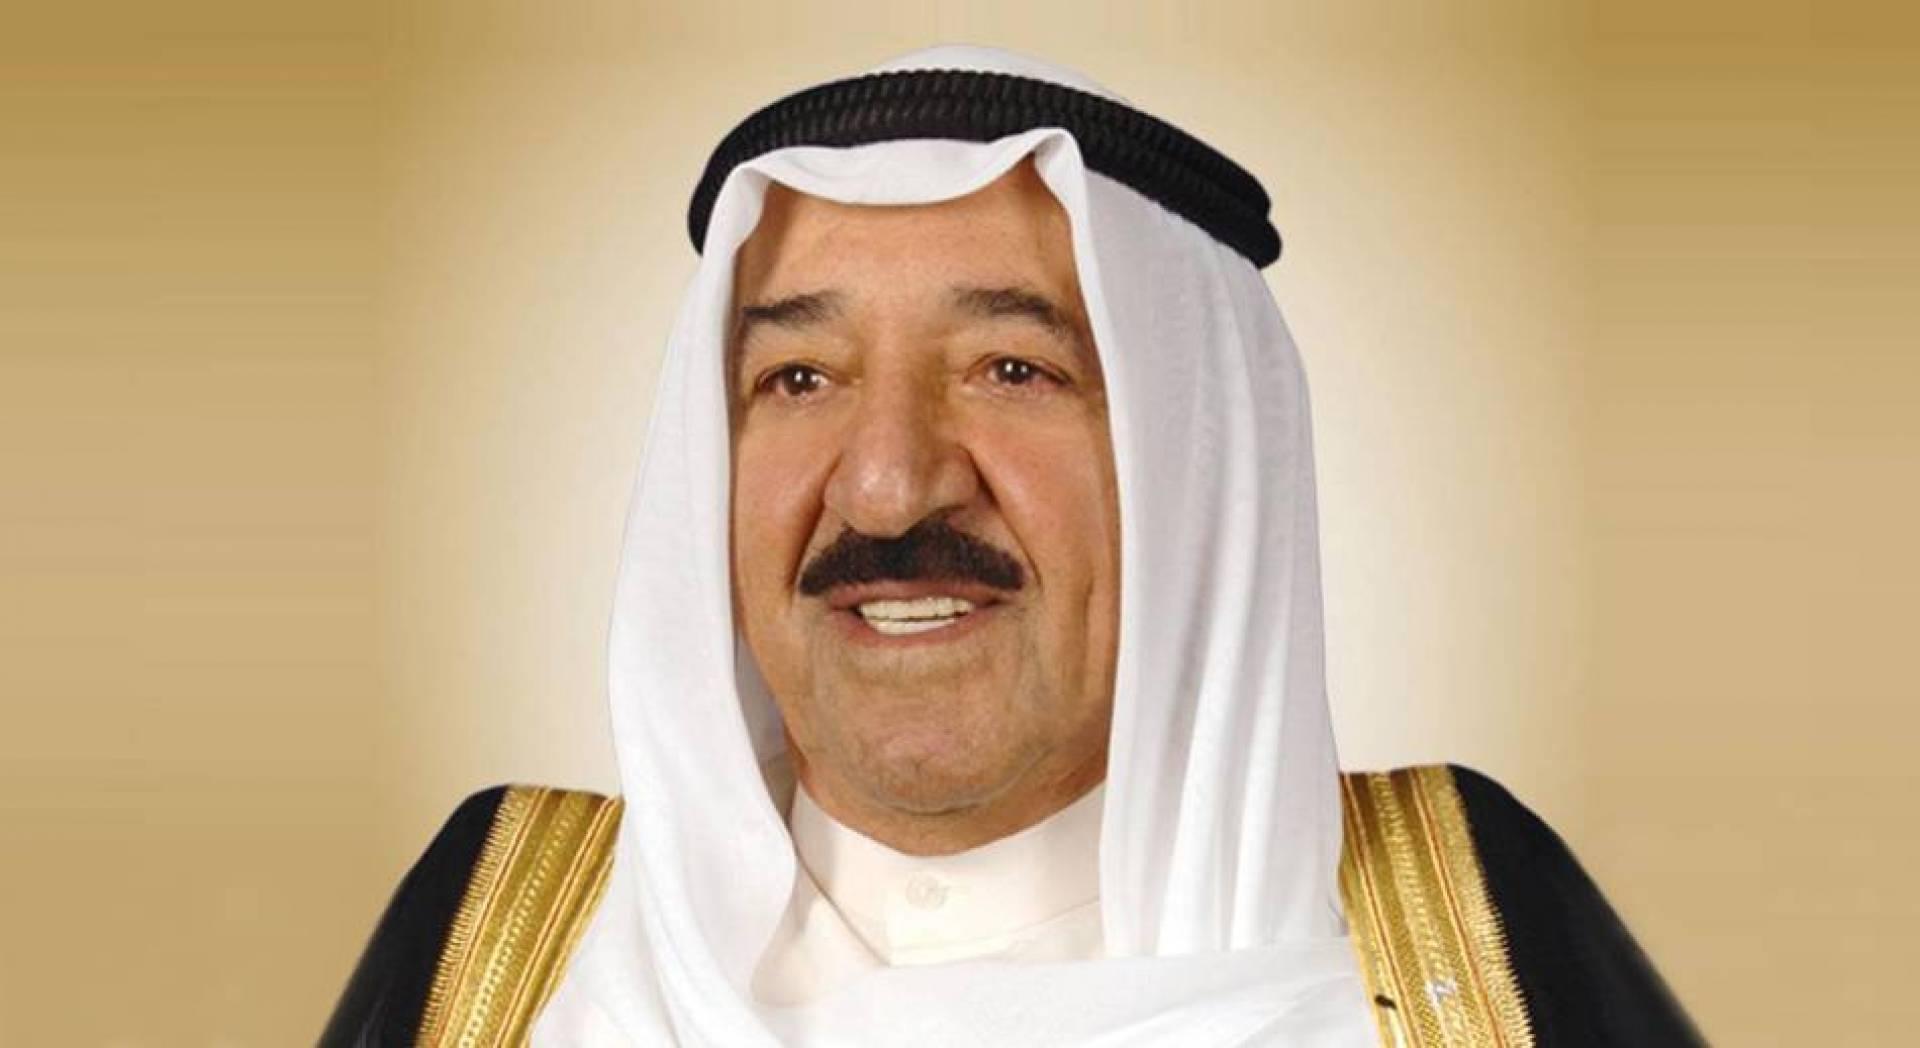 وزير الديوان الأميري: سمو الأمير دخل المستشفى لإجراء بعض الفحوصات الطبية